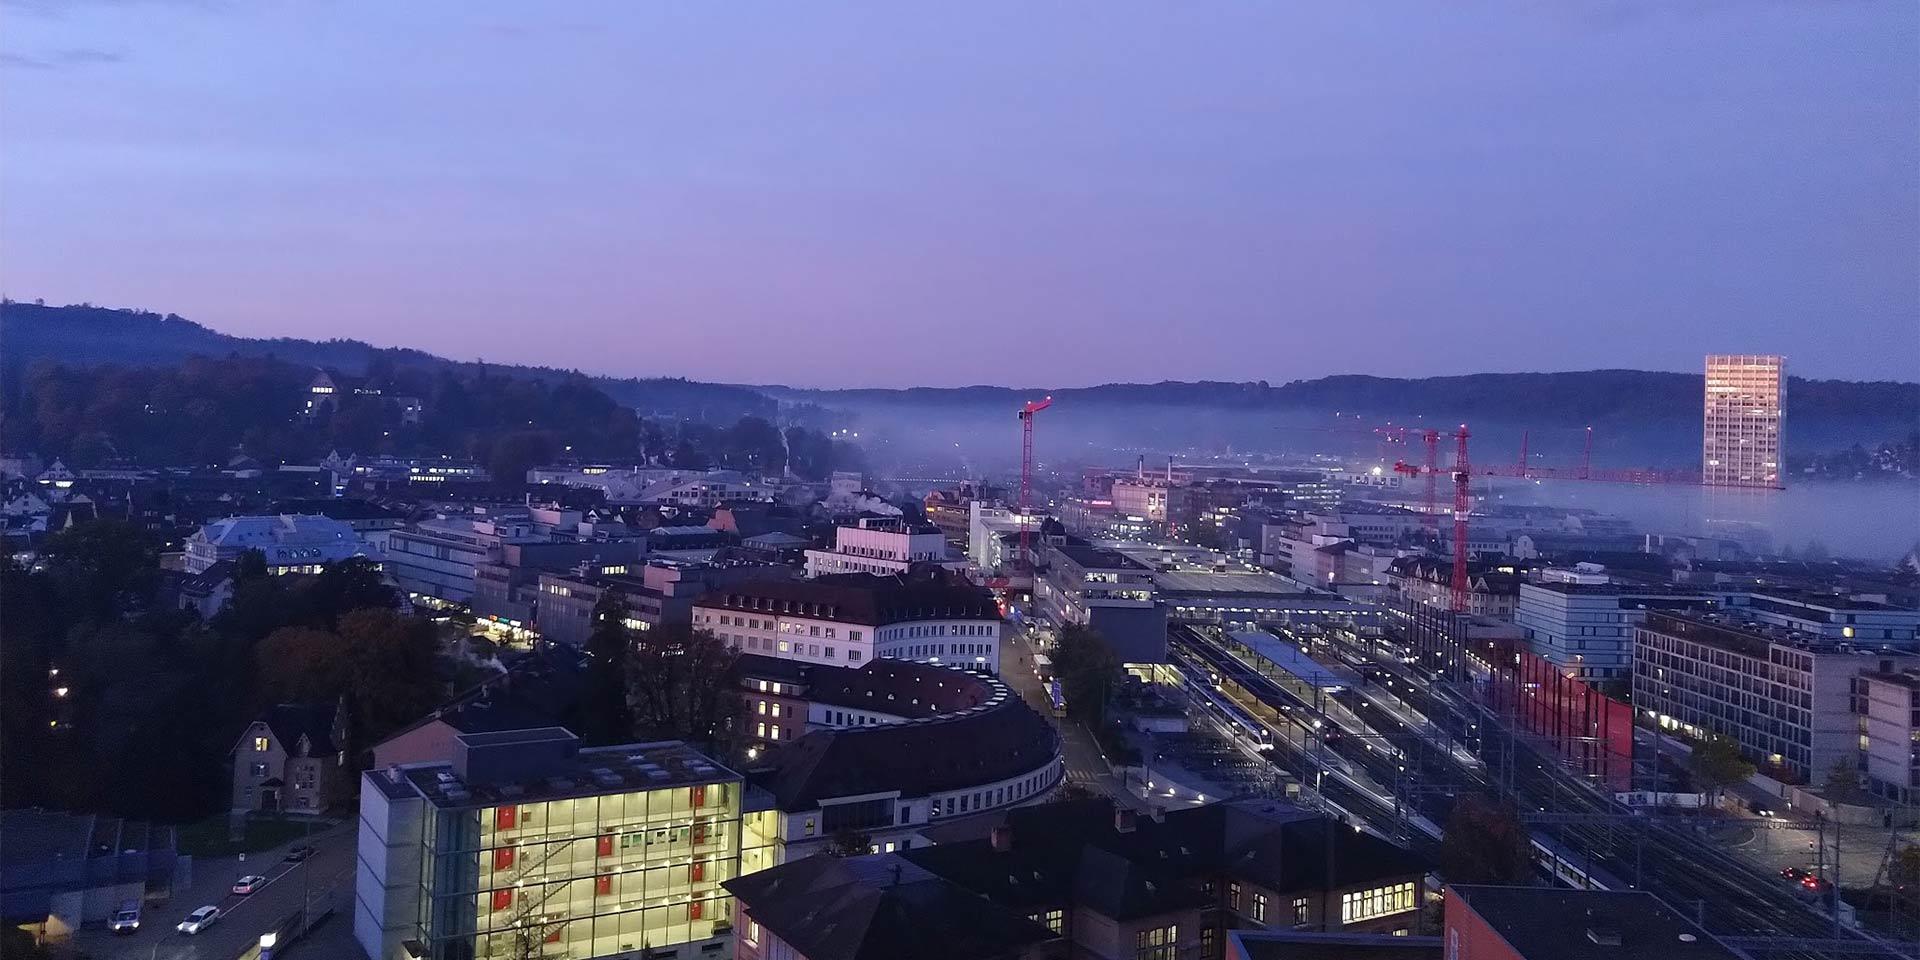 Das öffentliche Baurecht prägt die Stadtsilhouette von Winterthur stärker als viele andere Faktoren.